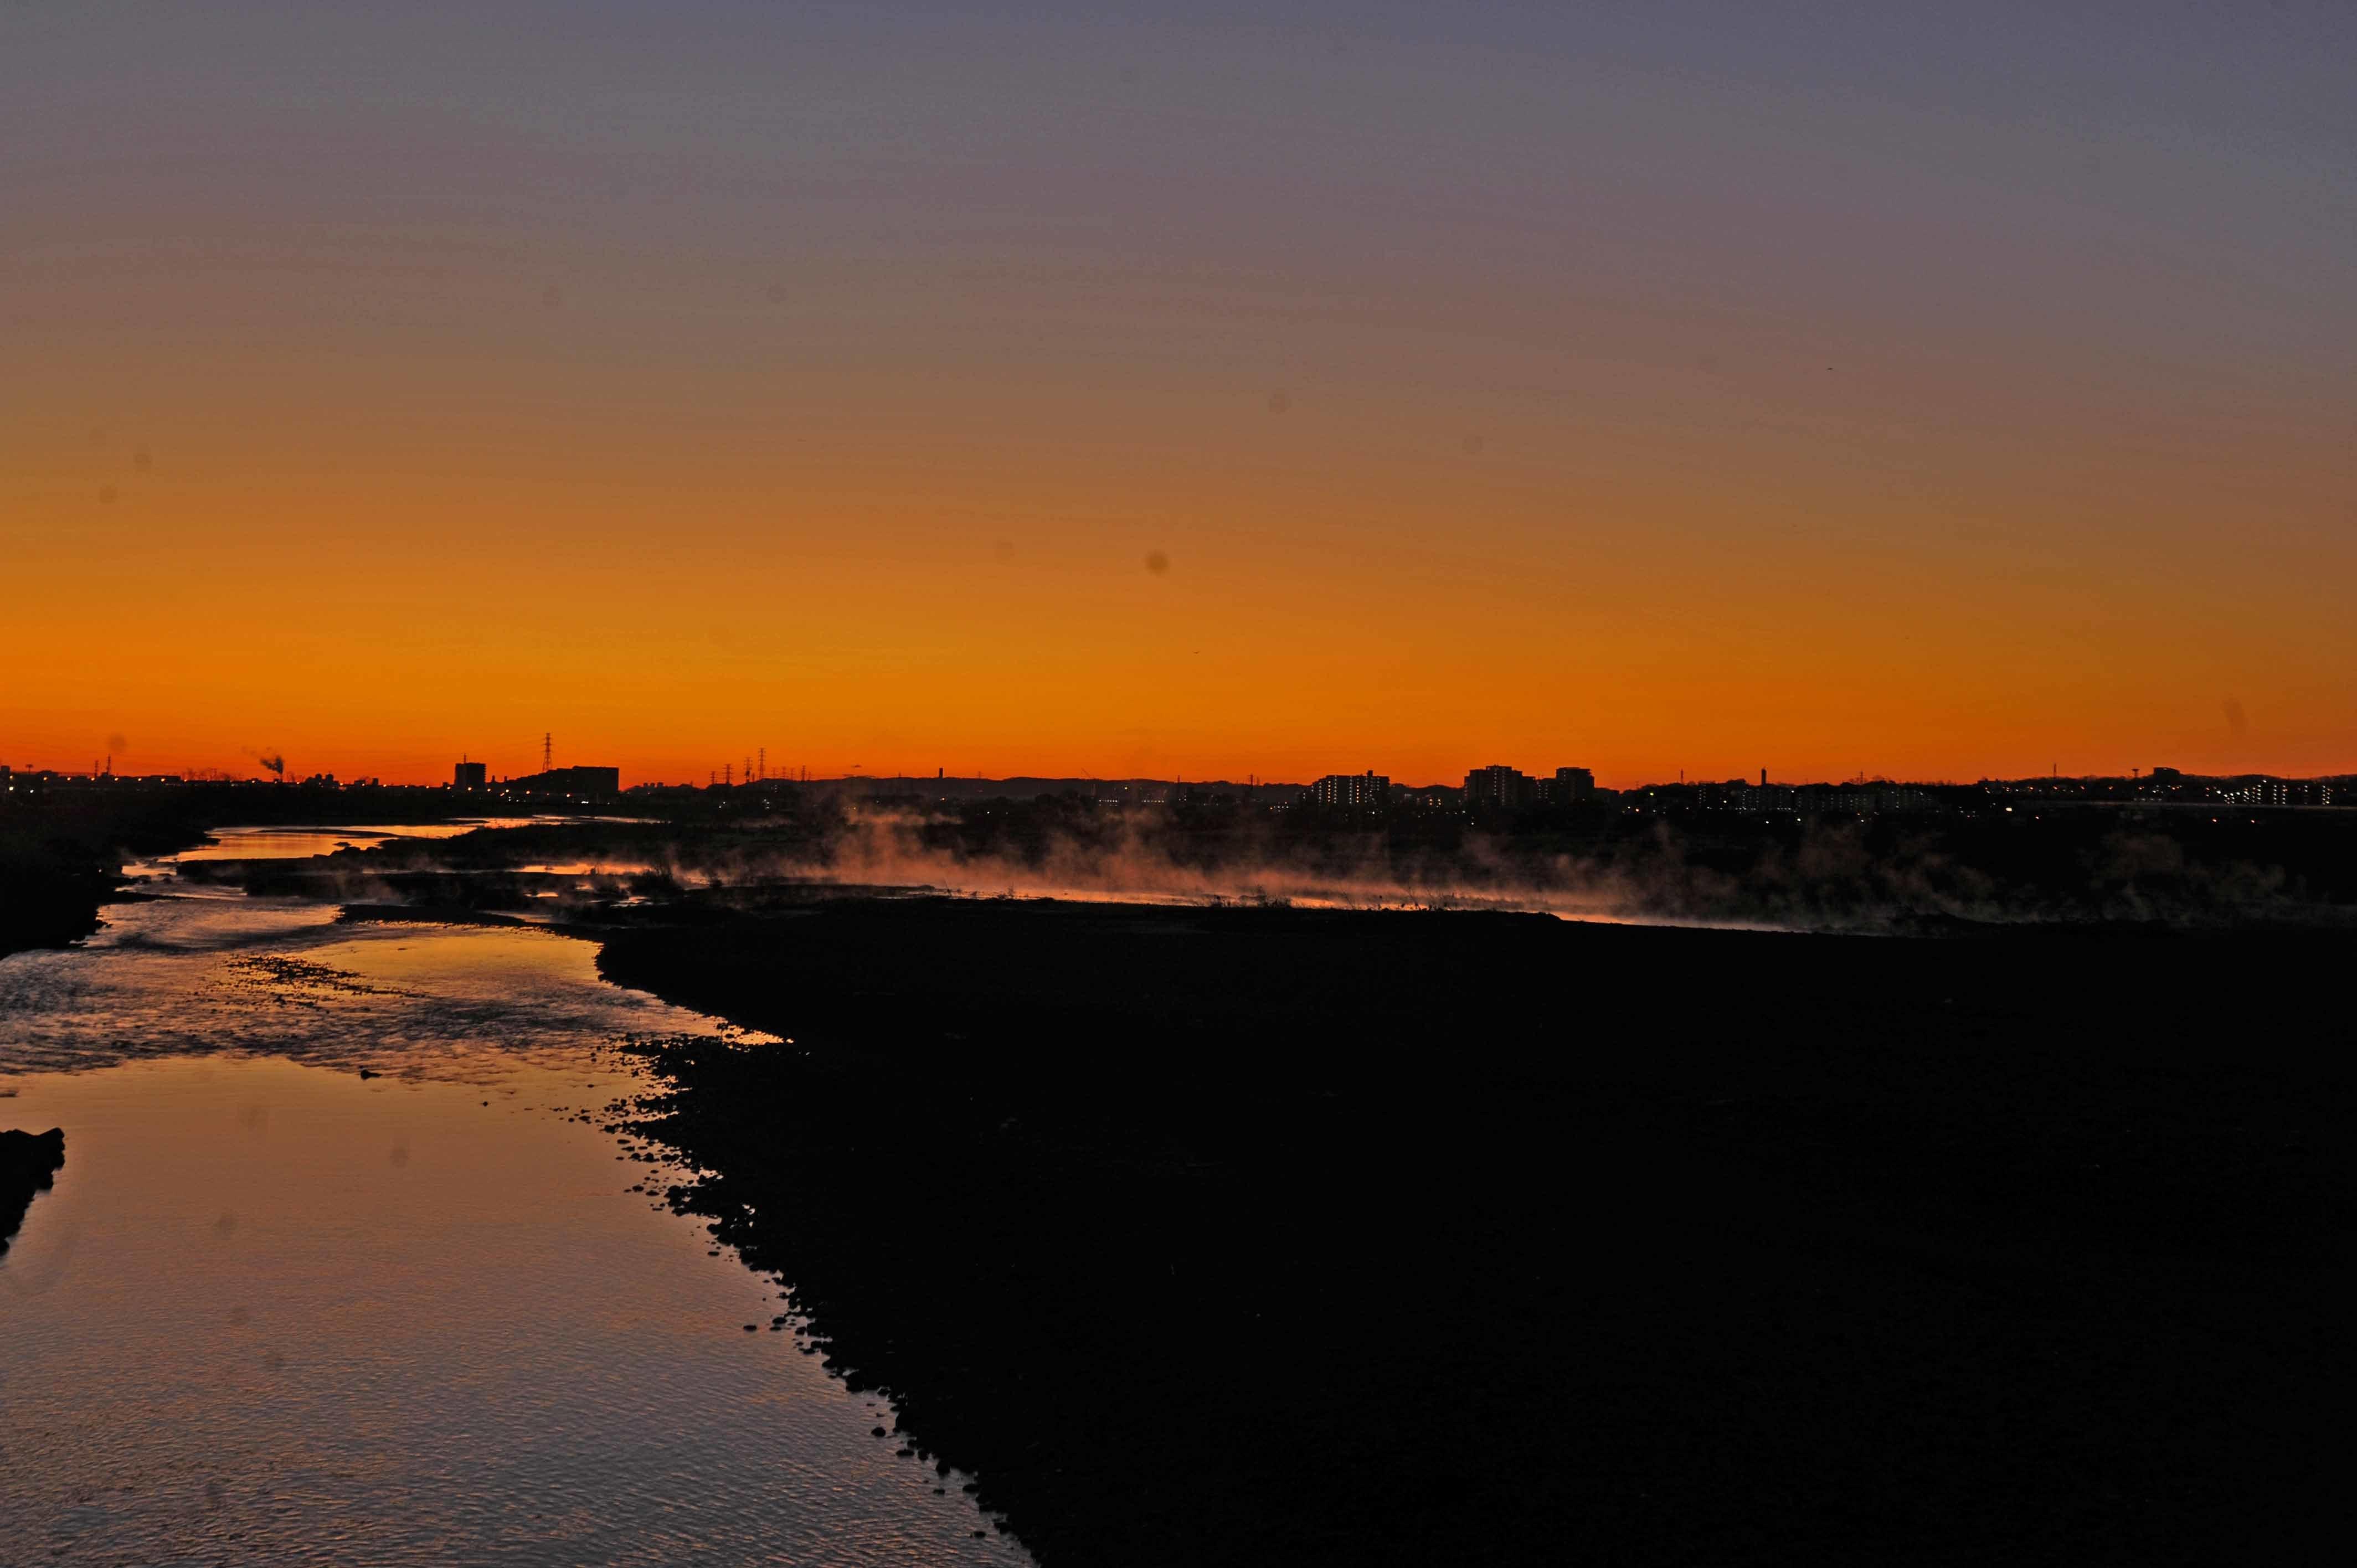 多摩川の川霧_f0173596_16114625.jpg